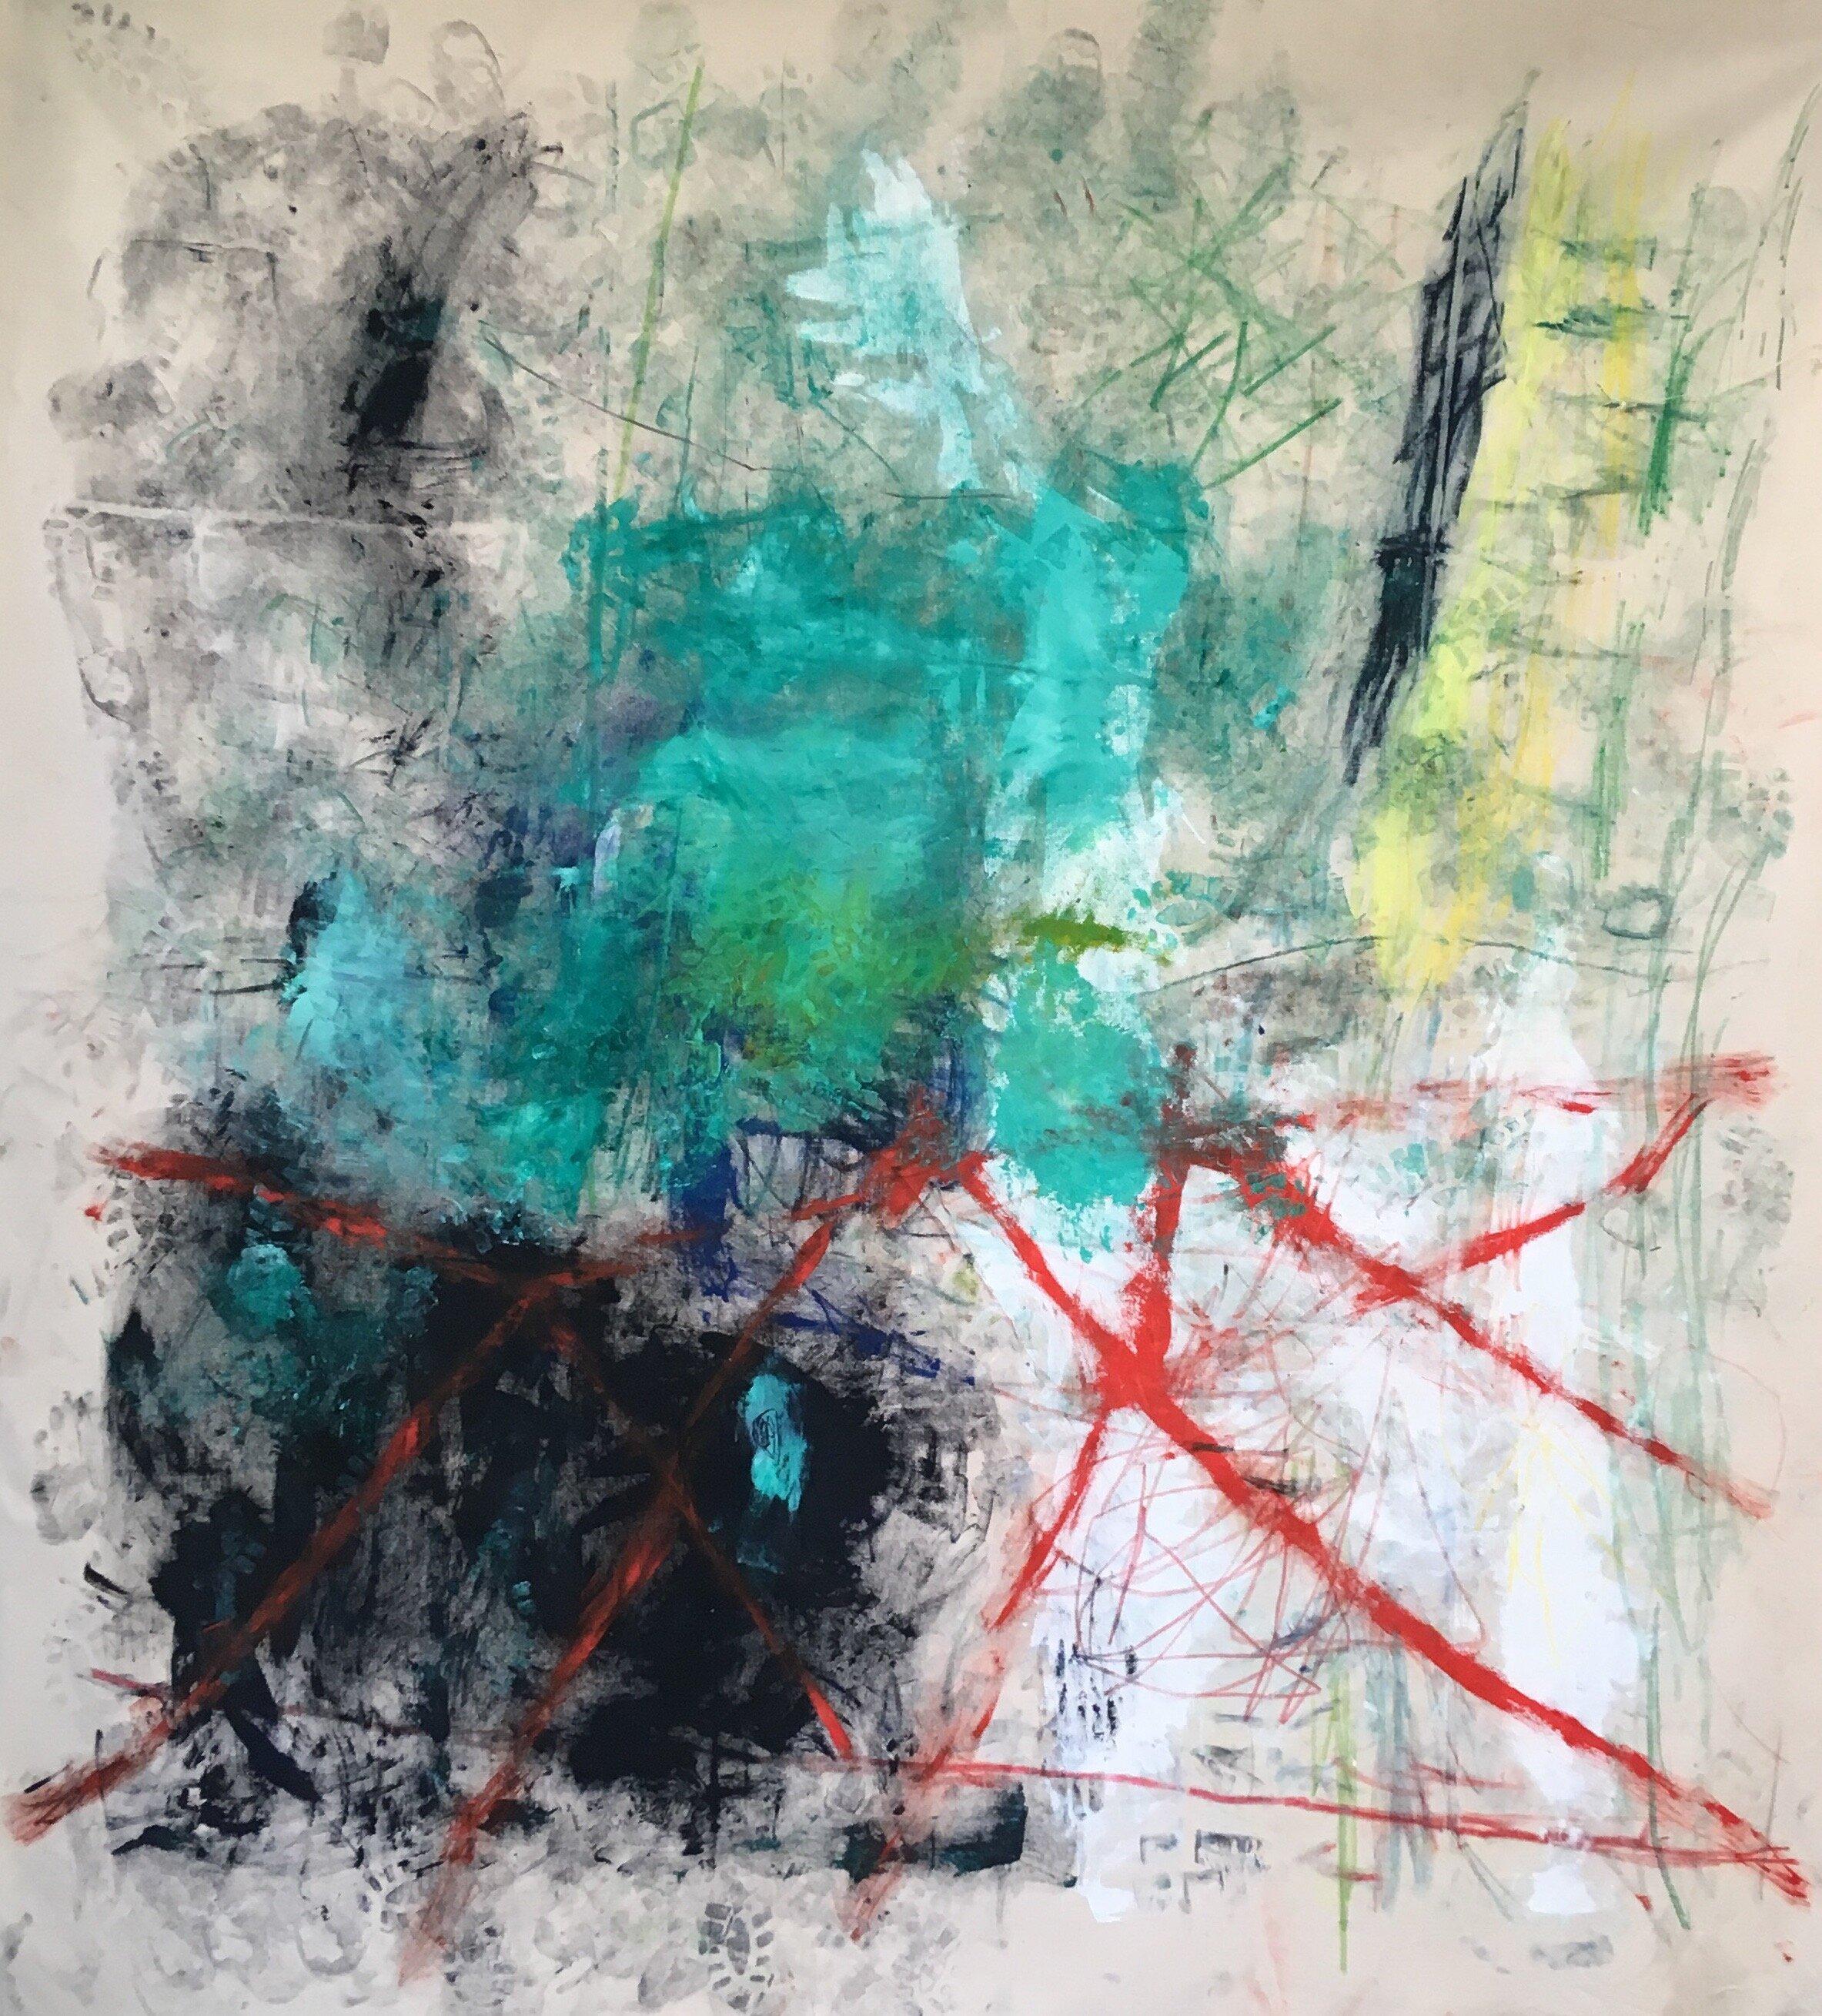 tierra 90x85 in oil on canvas 2019